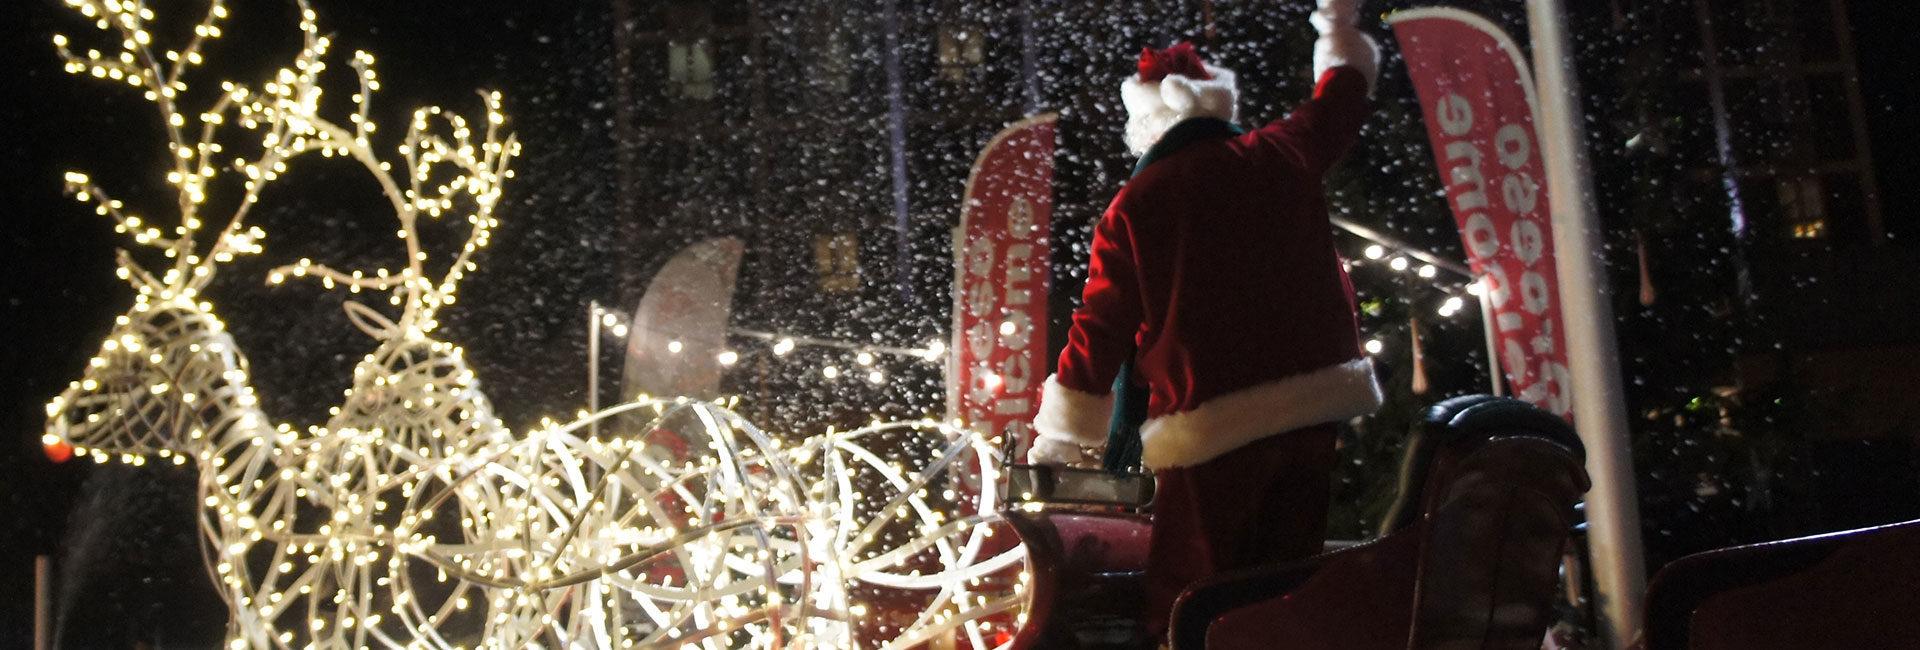 Photo of Santa waving at the Swansea Christmas Parade